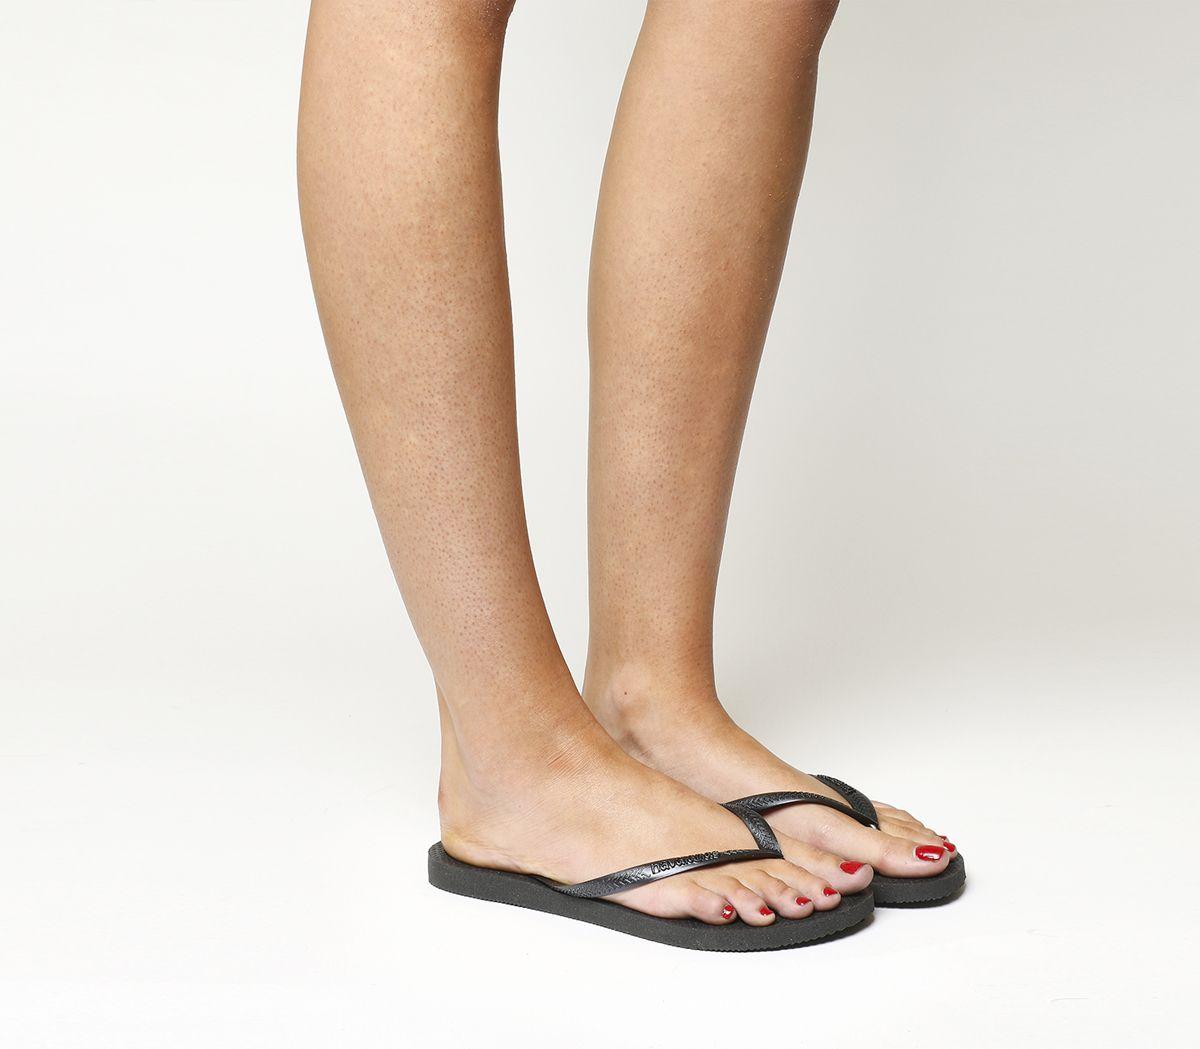 e2d528097 Havaianas Slim Flip Flop Black - Sandals